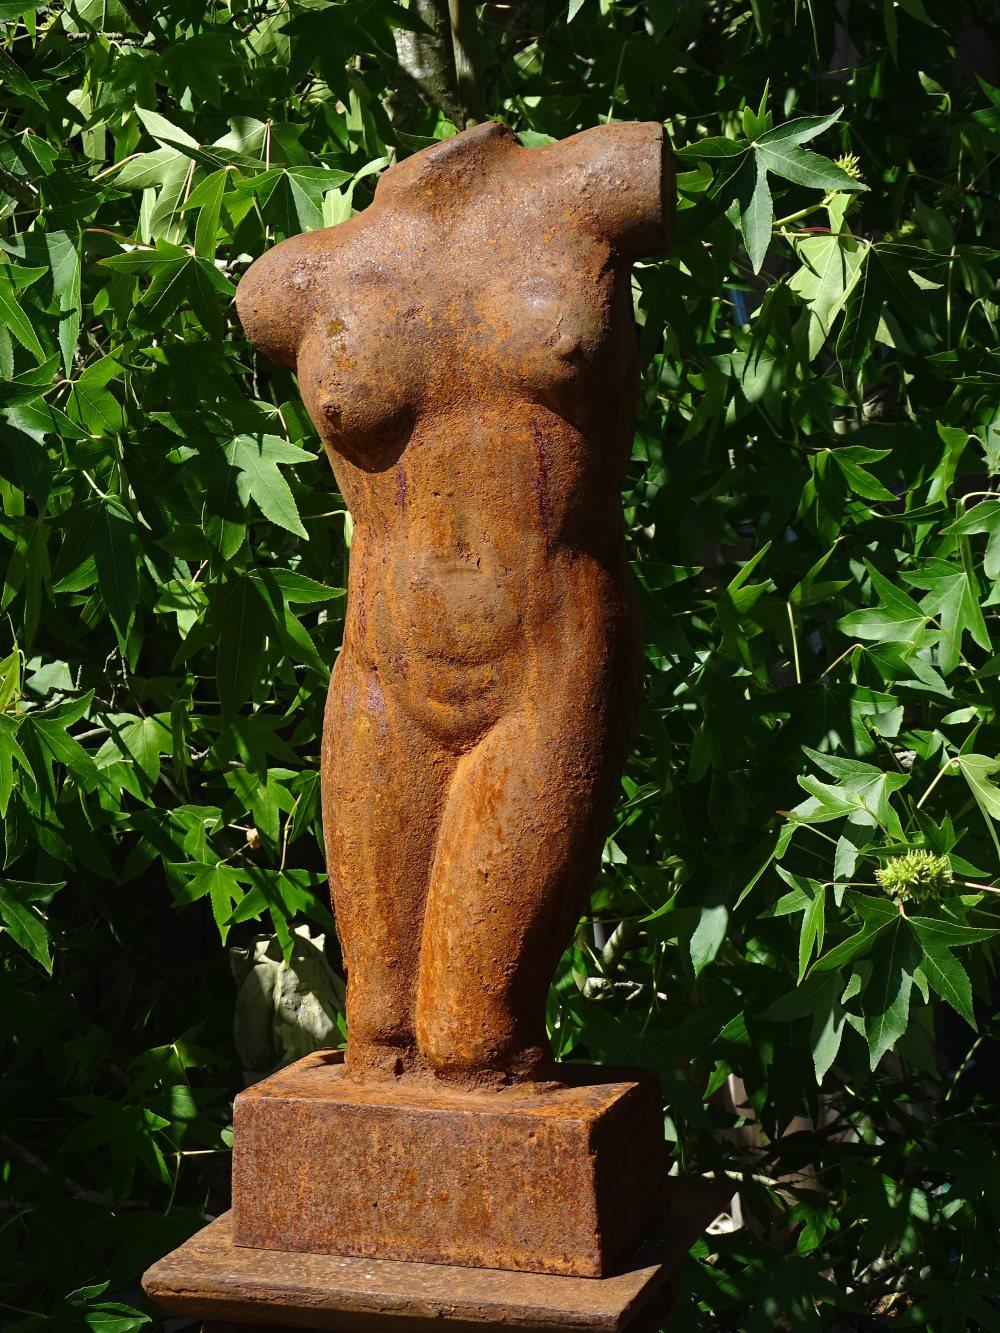 Gusseisenskulptur Weiblicher Torso Aus Eisenguss Rostig Steinfiguren Bronzefiguren Gusseisendeko Und Gartenfiguren